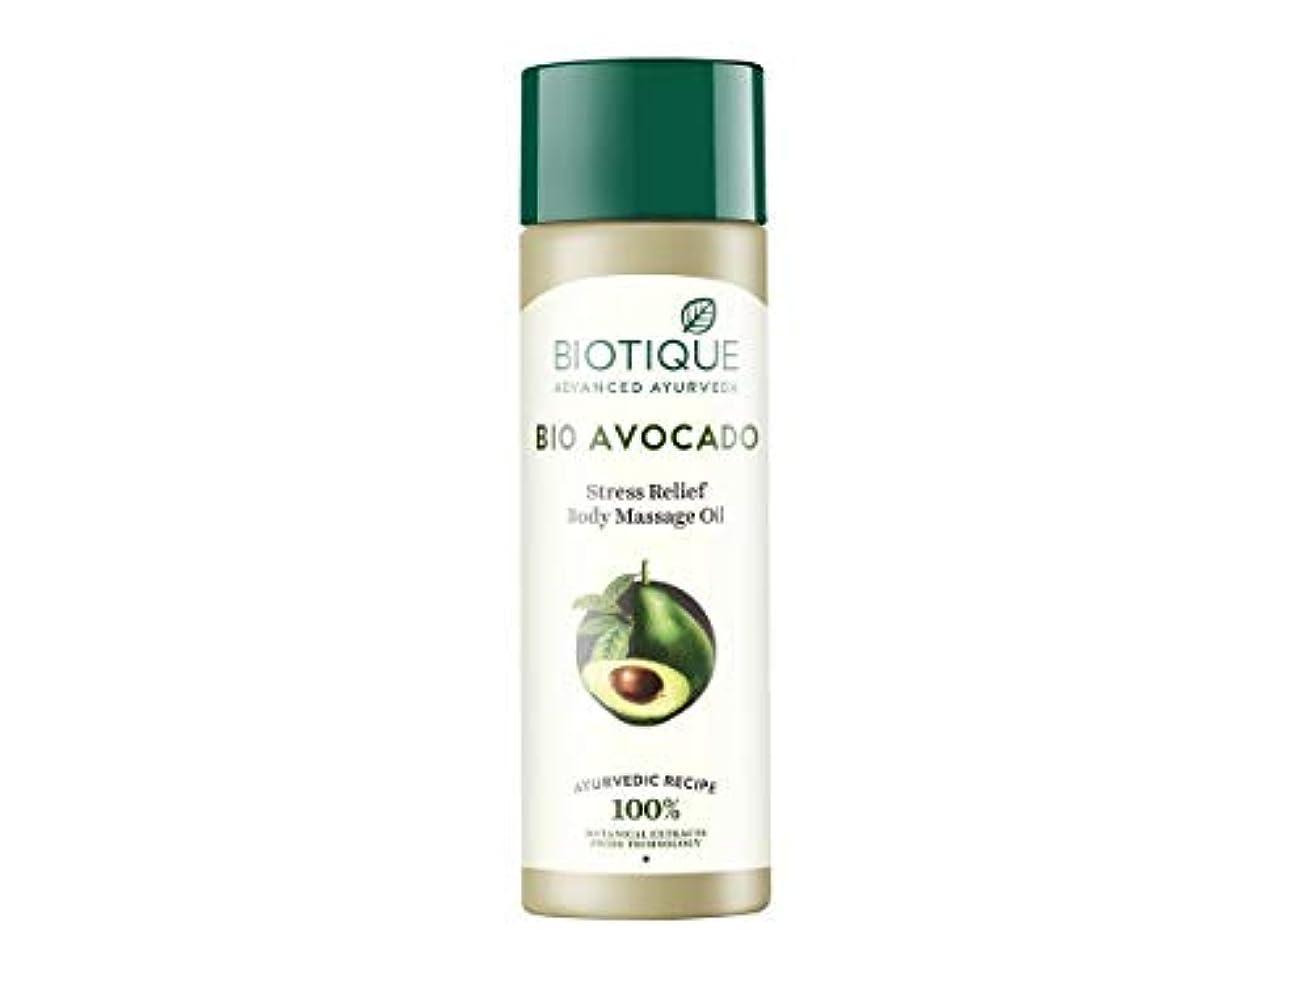 心理学インフルエンザ卑しいBiotique Bio Cado Avocado Stress Relief Body Massage Oil, 200ml Relaxing oil Biotique Bio Cadoアボカドストレスリリーフボディマッサージオイル...